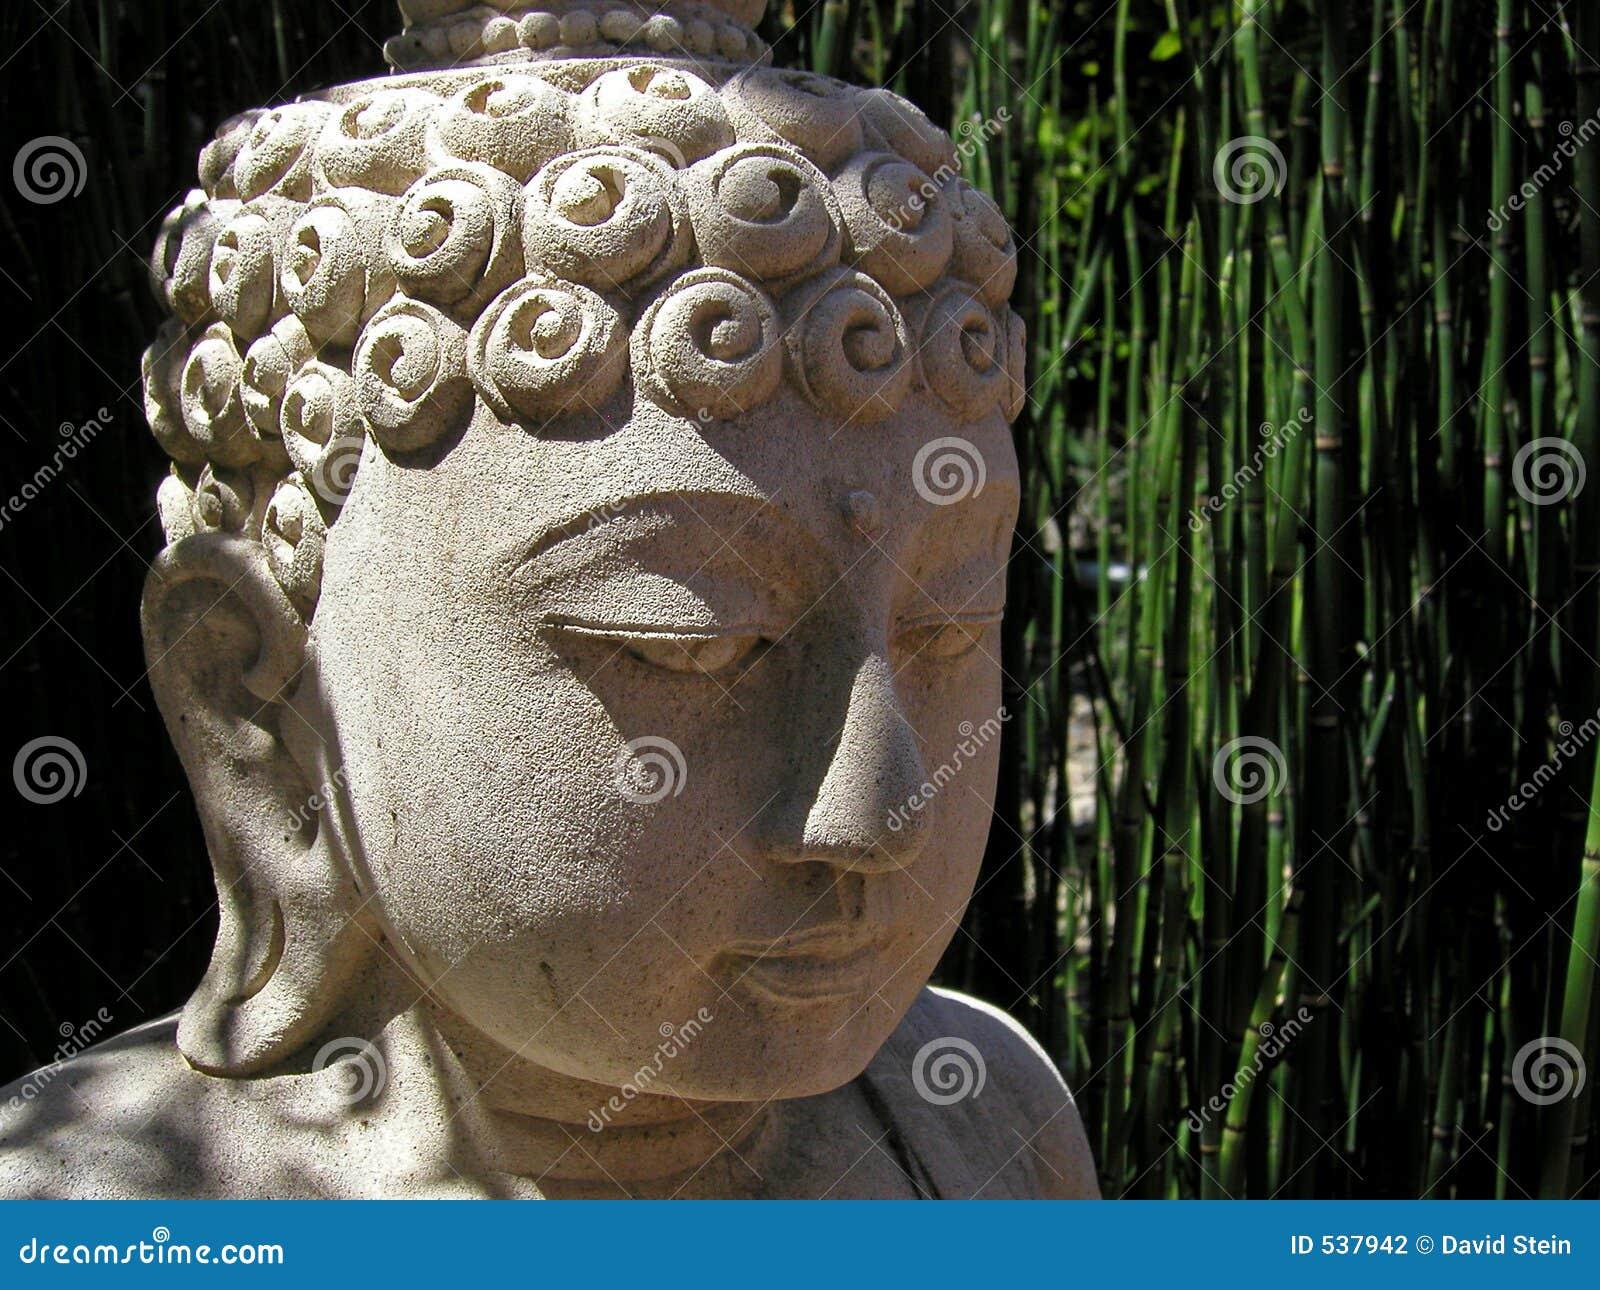 Download 巴厘语雕象 库存照片. 图片 包括有 宗教信仰, 凝思, 瑜伽, 庭院, 题头, 冥想, 图标, 巴厘语, 石头 - 537942